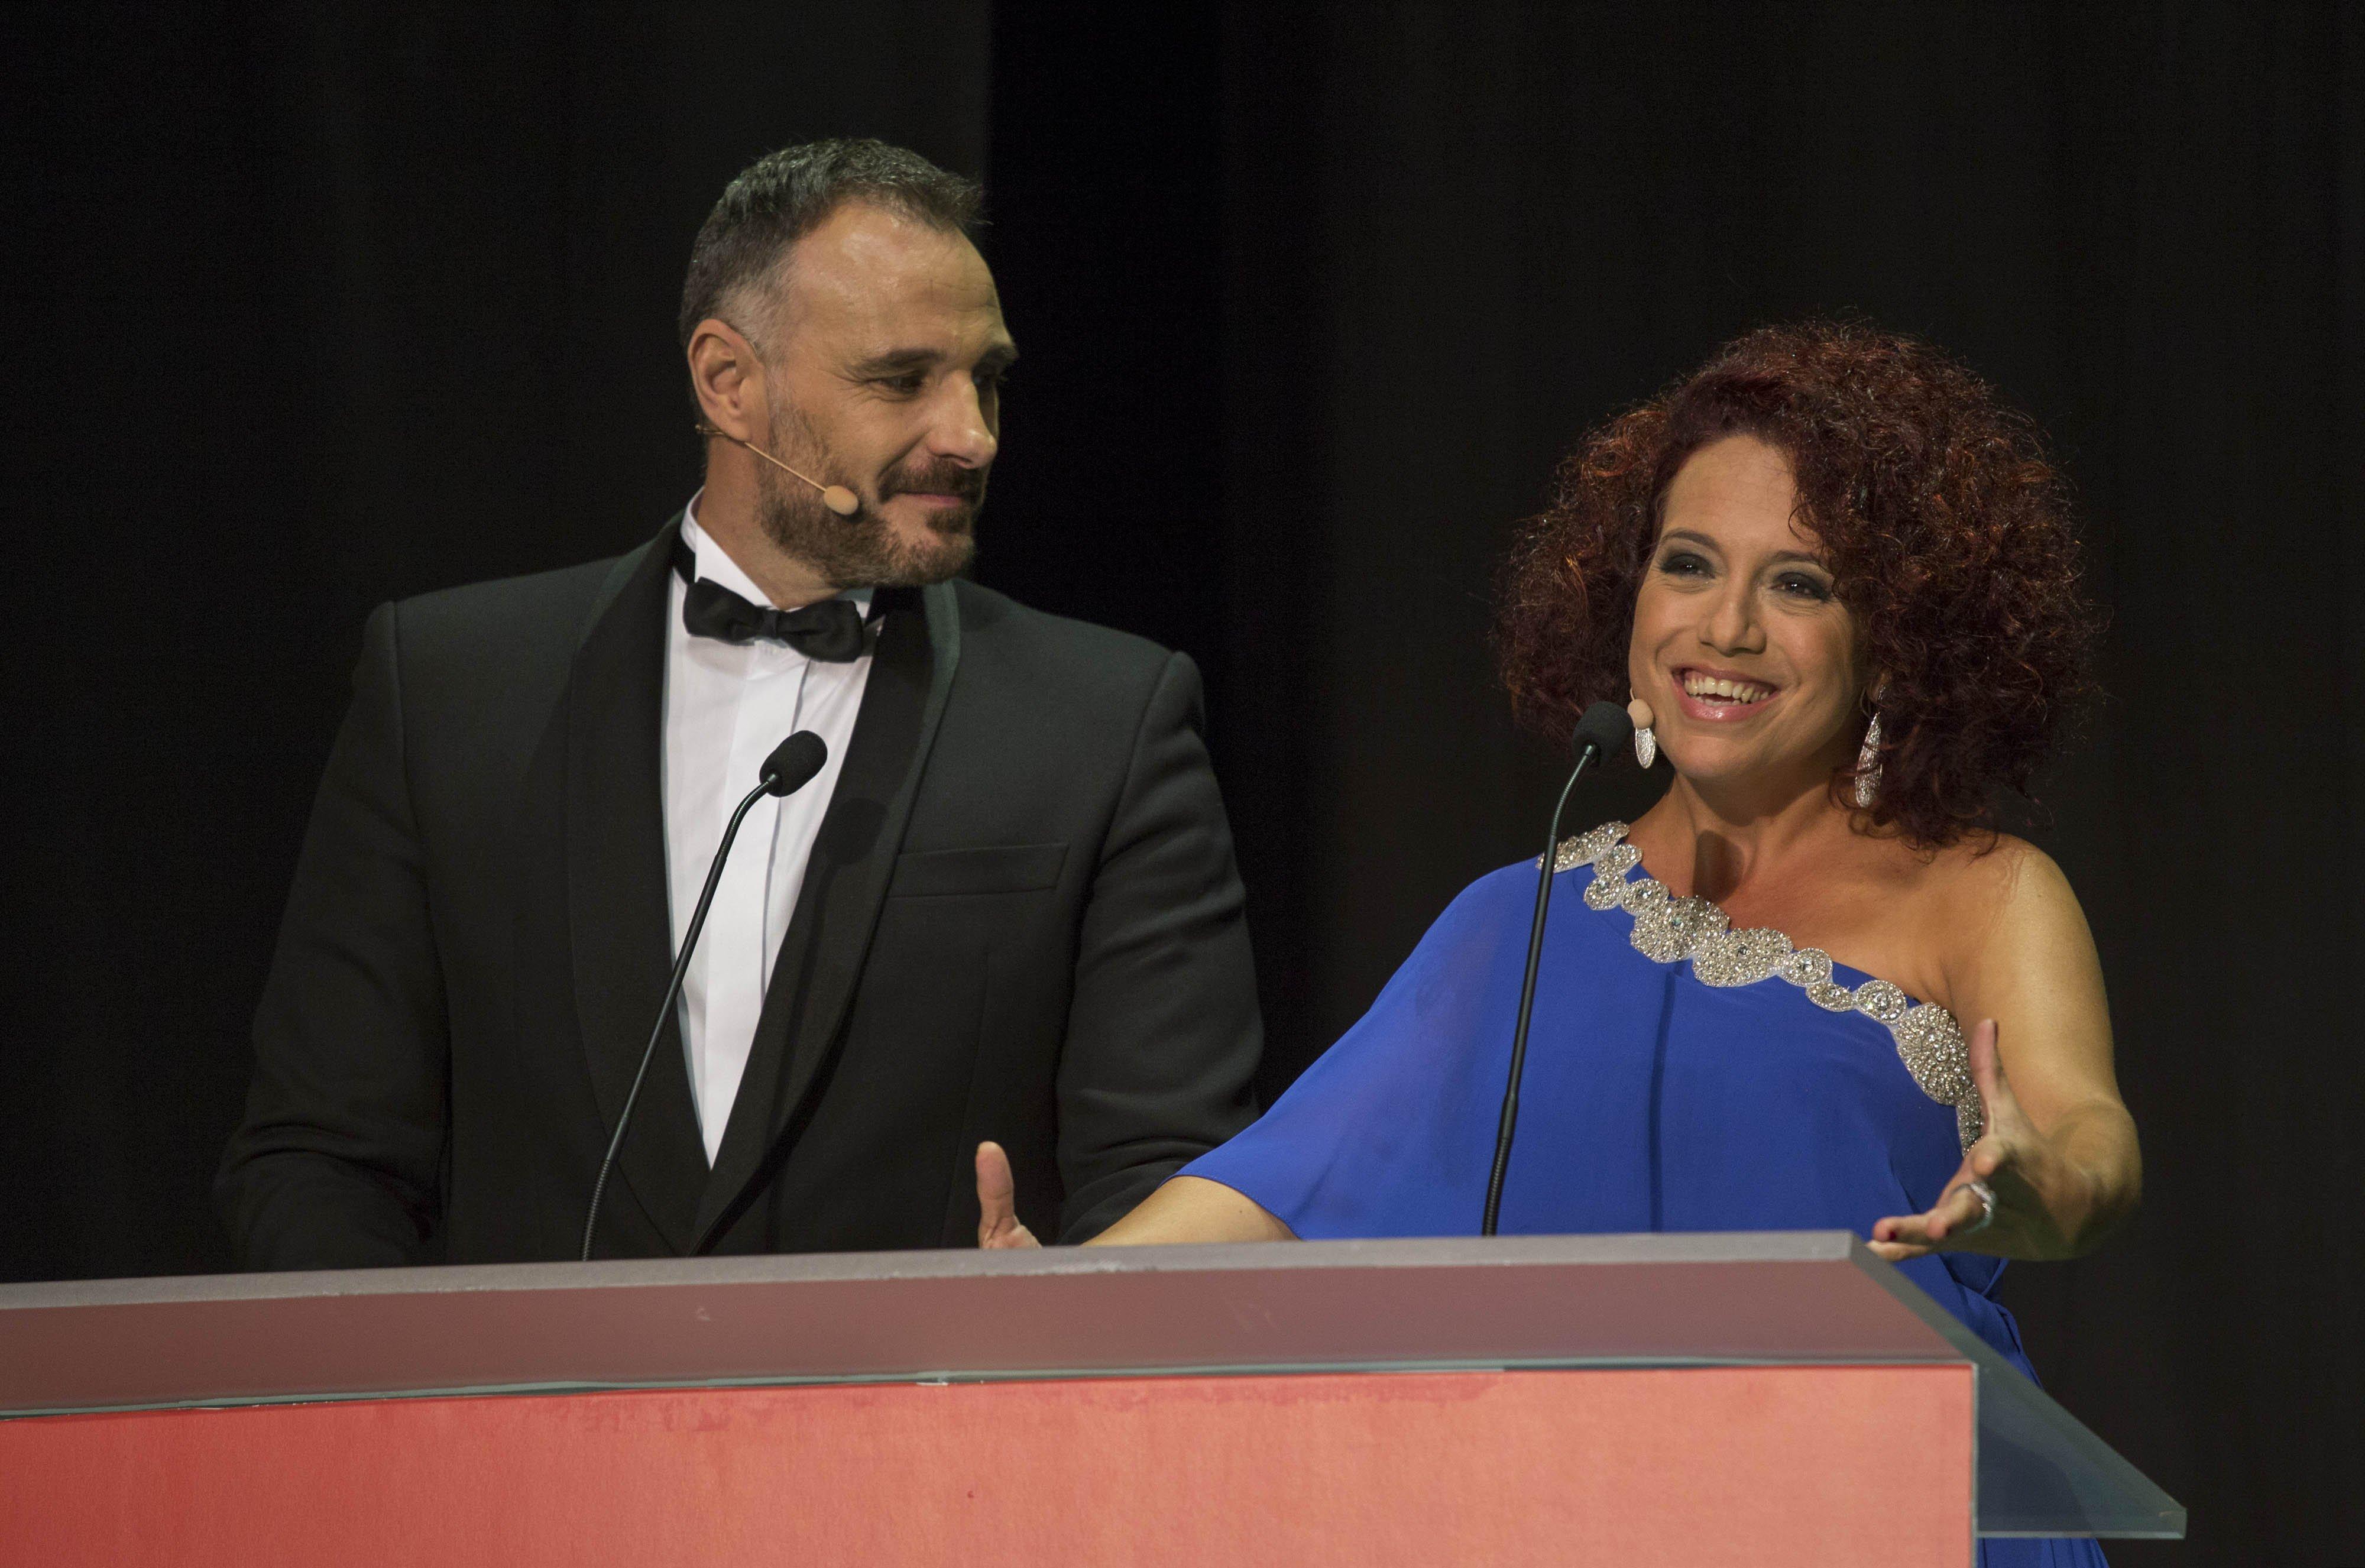 Presentadores gala, Laura de la Uz y Juan Carlos Roldán